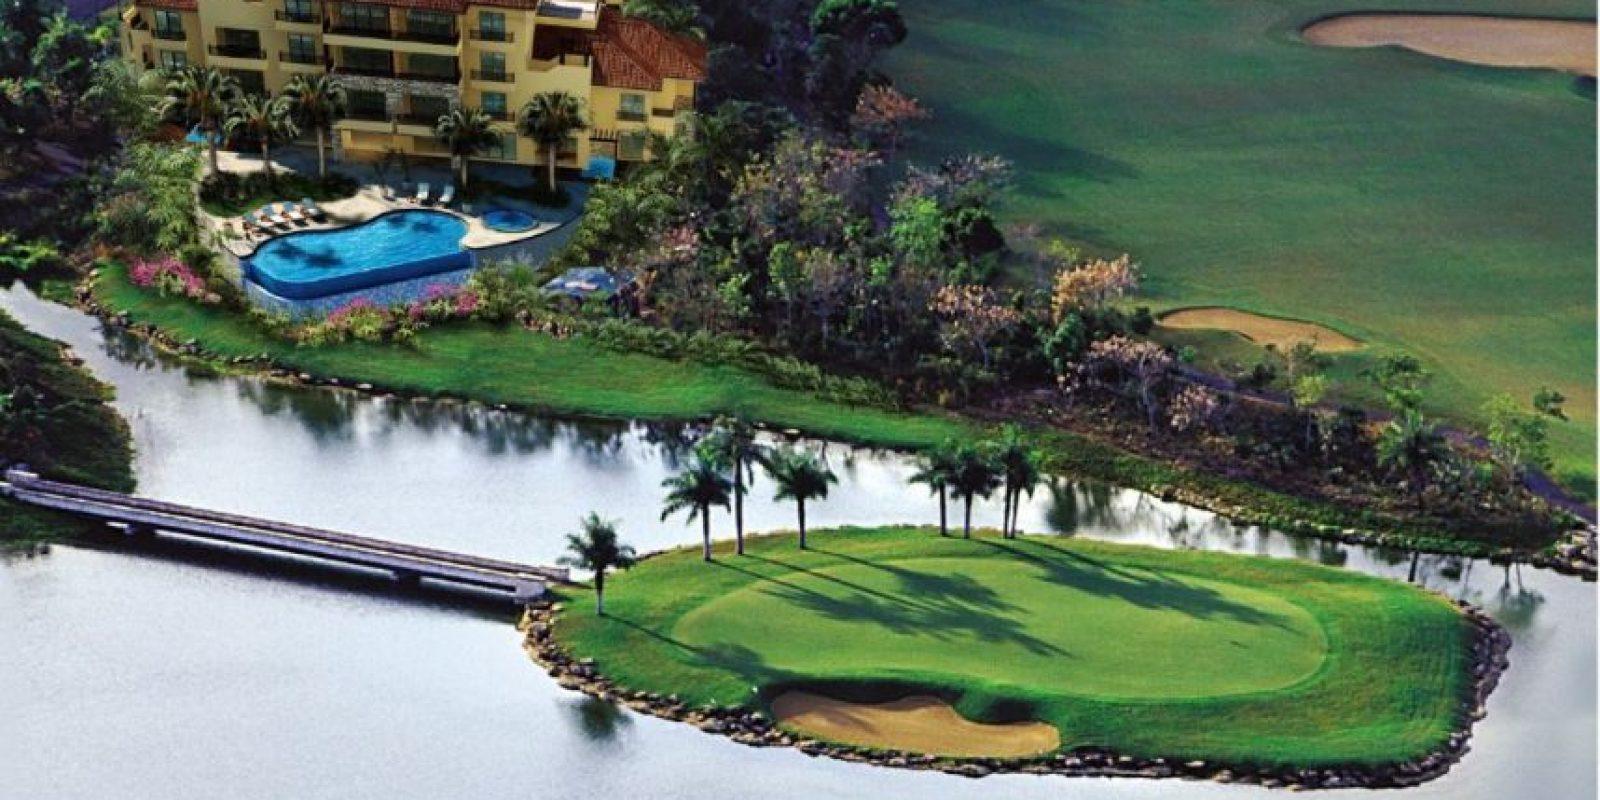 La oferta turística de este municipio tiene tres grandes pilares: el mar, el golf y el entretenimiento. Foto:Fuente externa